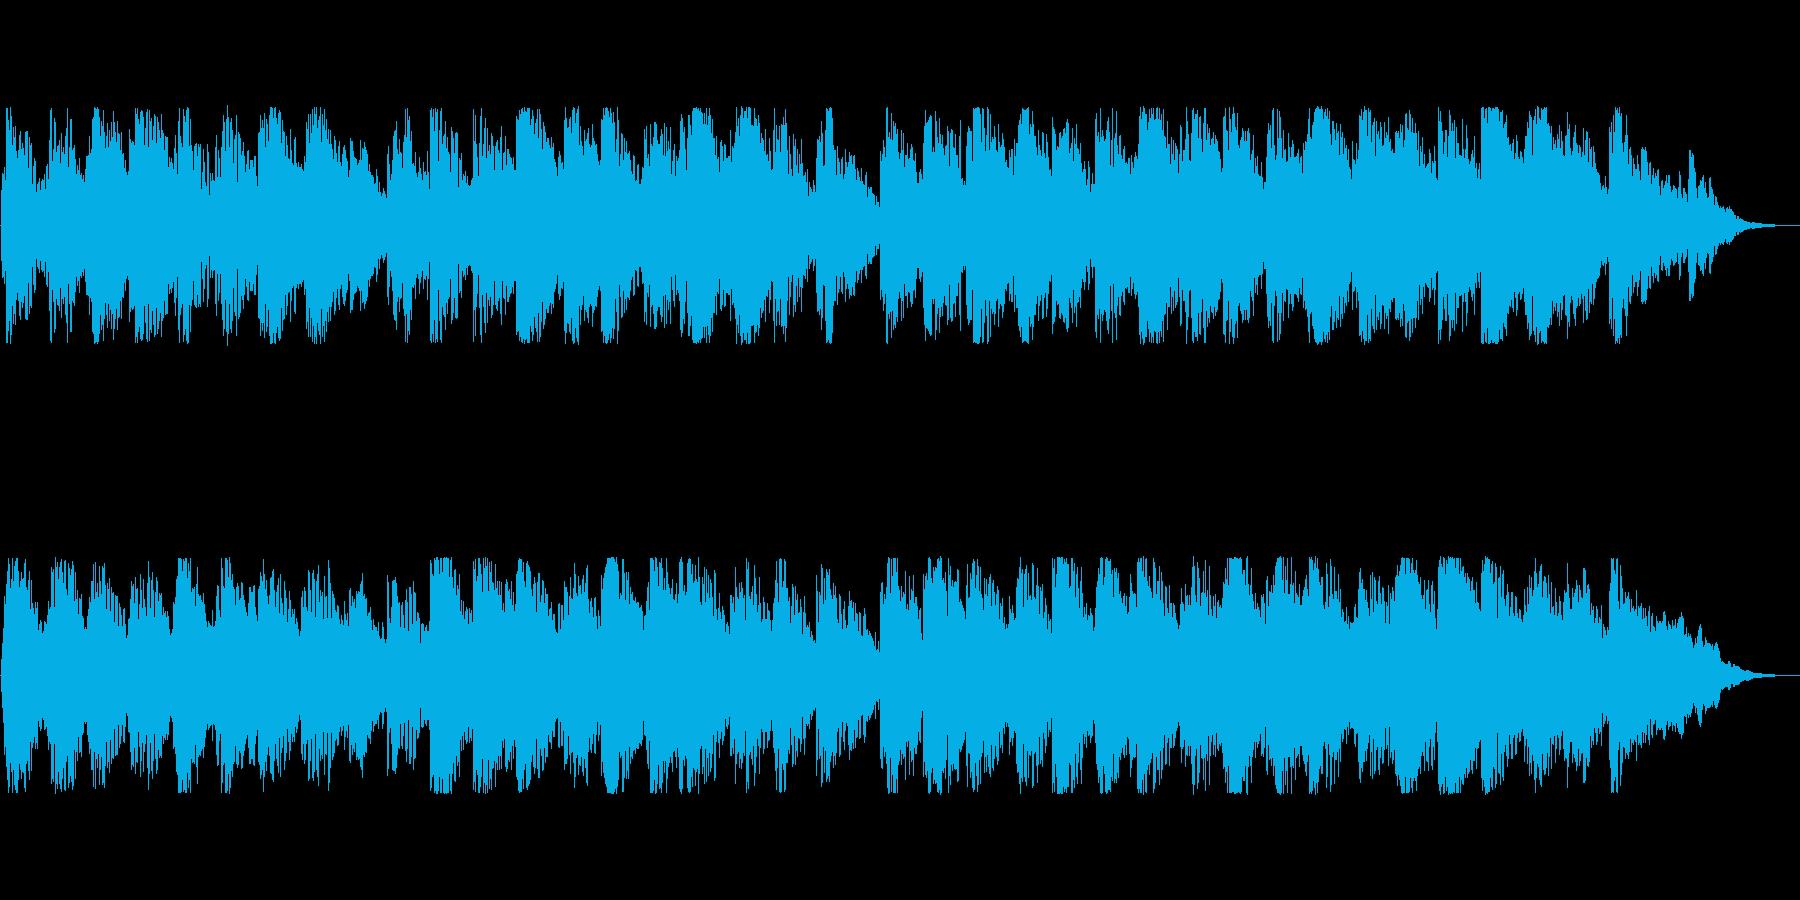 透明感のあるアンビエントの再生済みの波形